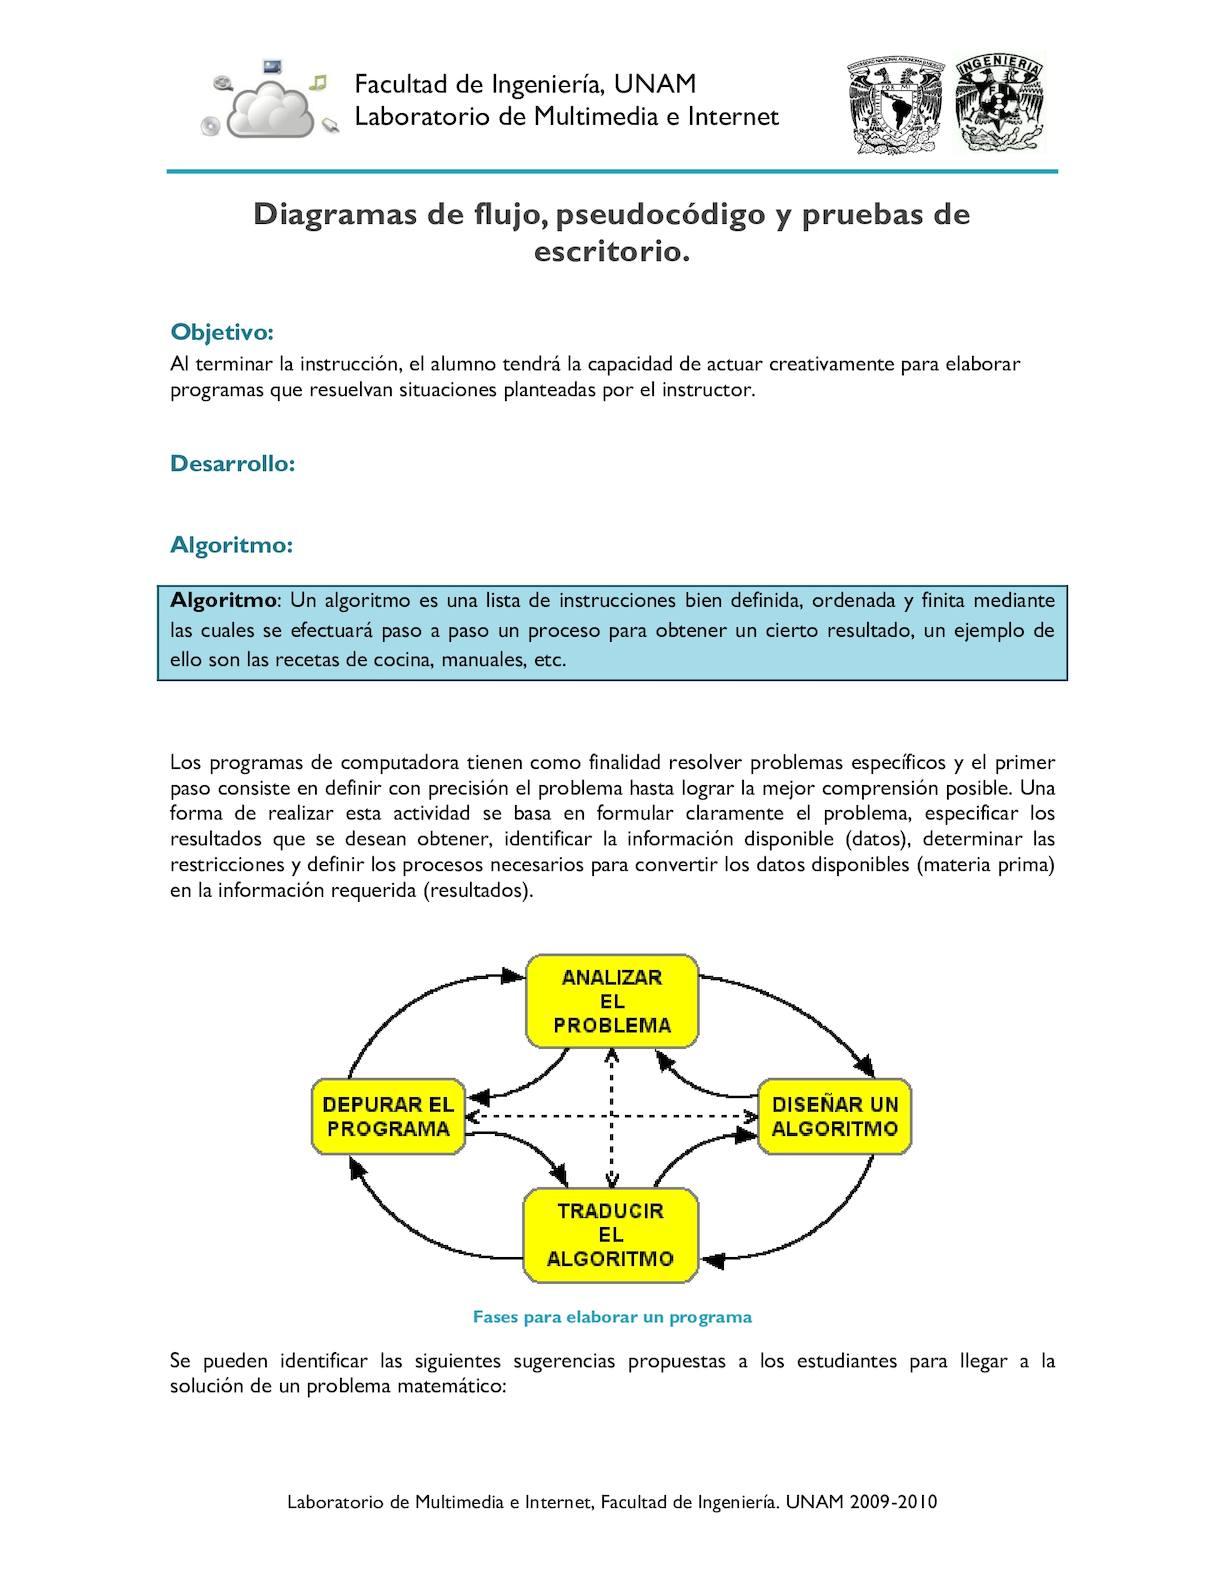 Calamo diagramas de flujo pseudocdigo y pruebas de escritorio ccuart Image collections